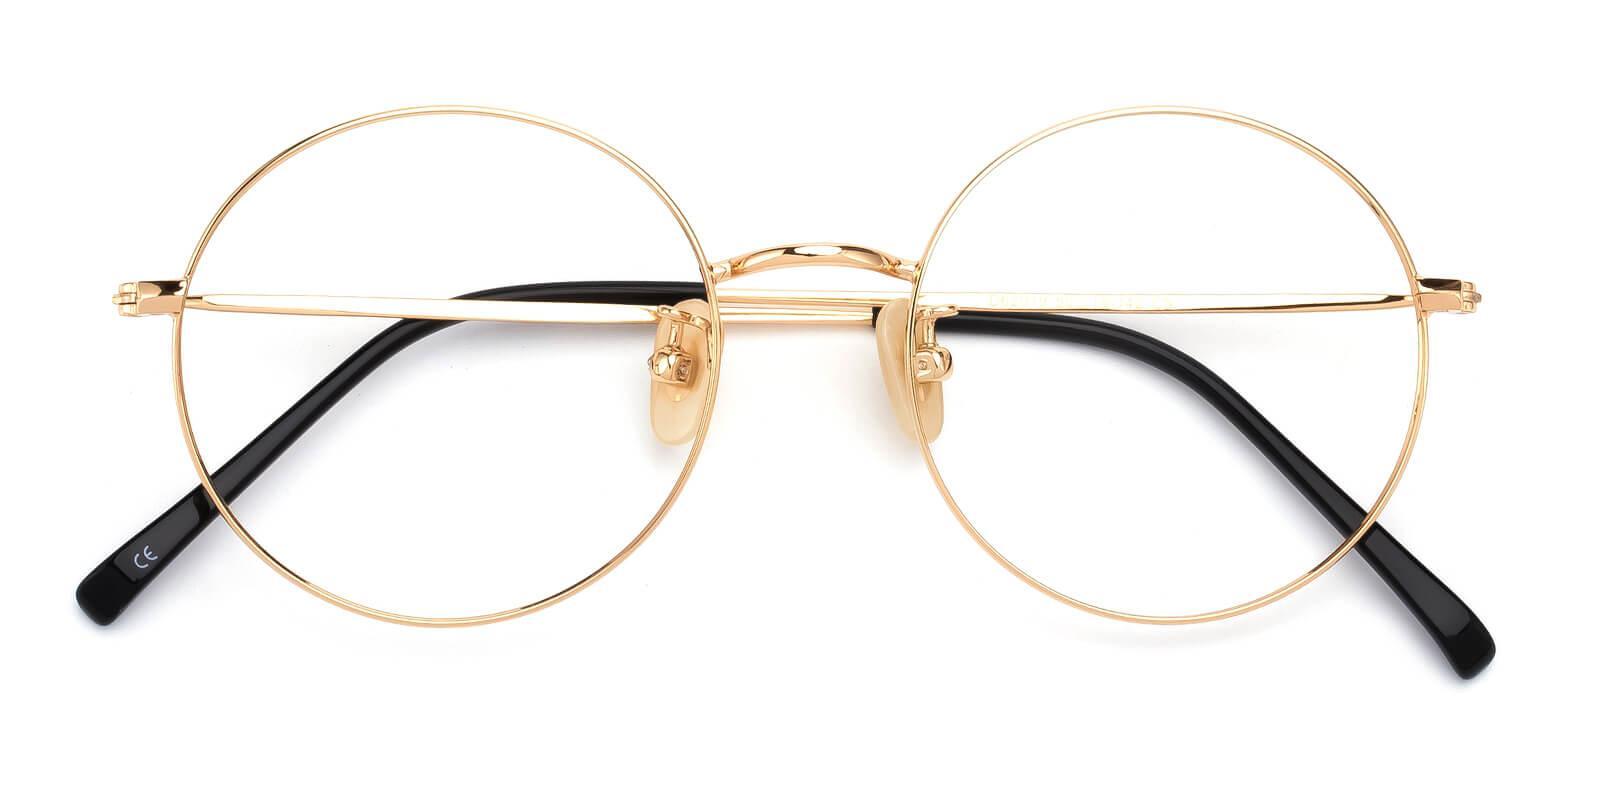 Theenity-Gold-Round-Titanium-Eyeglasses-detail